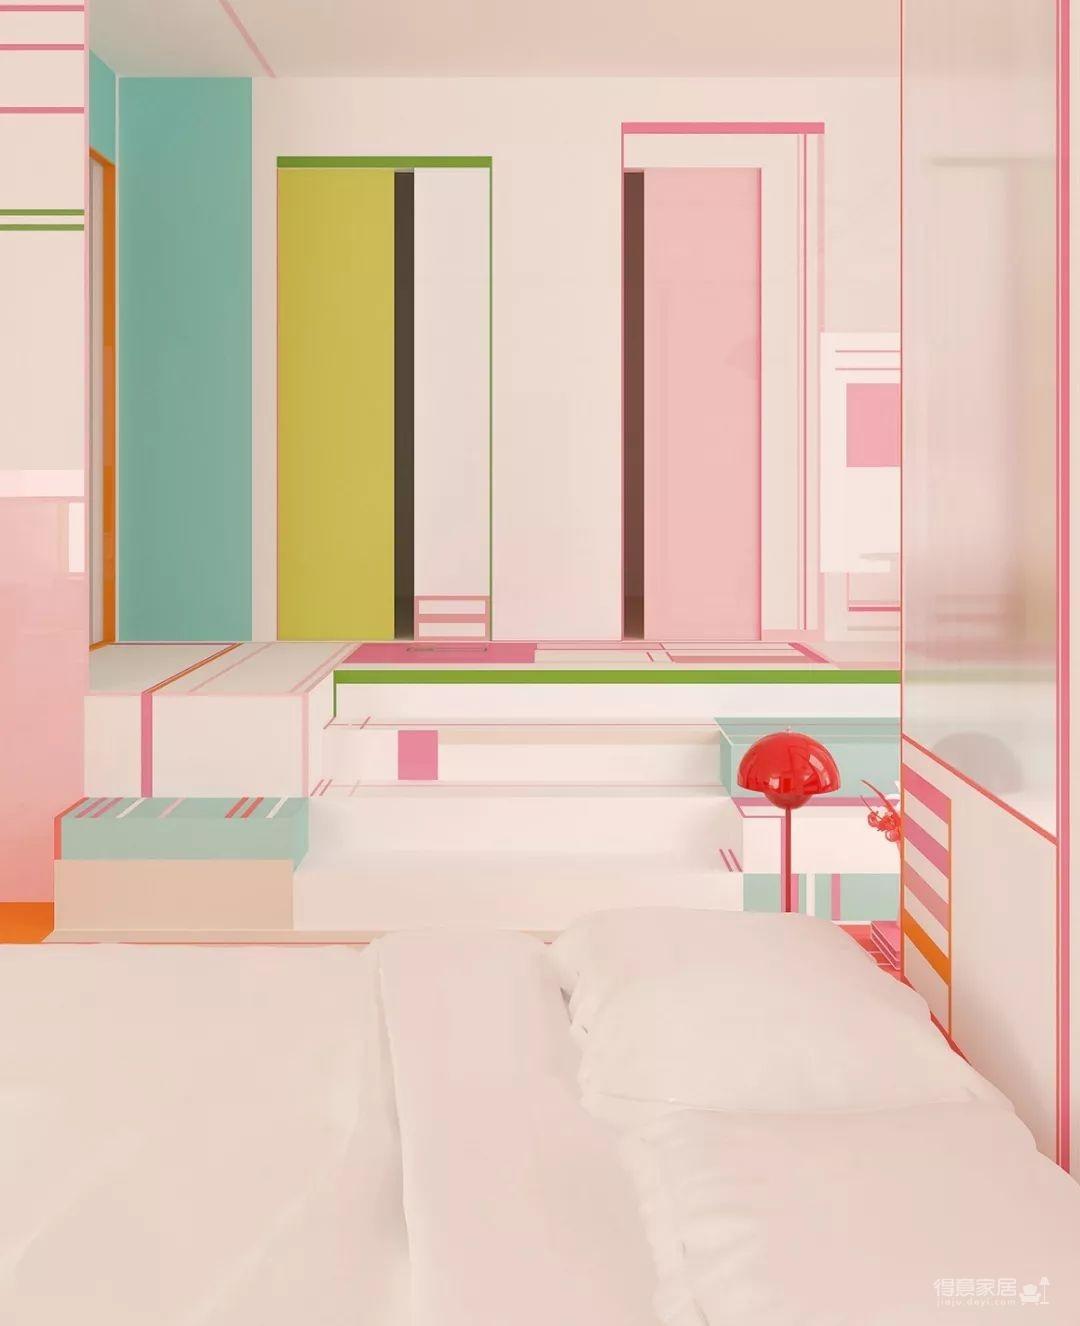 粉色湖水系,会呼吸的房子图_17